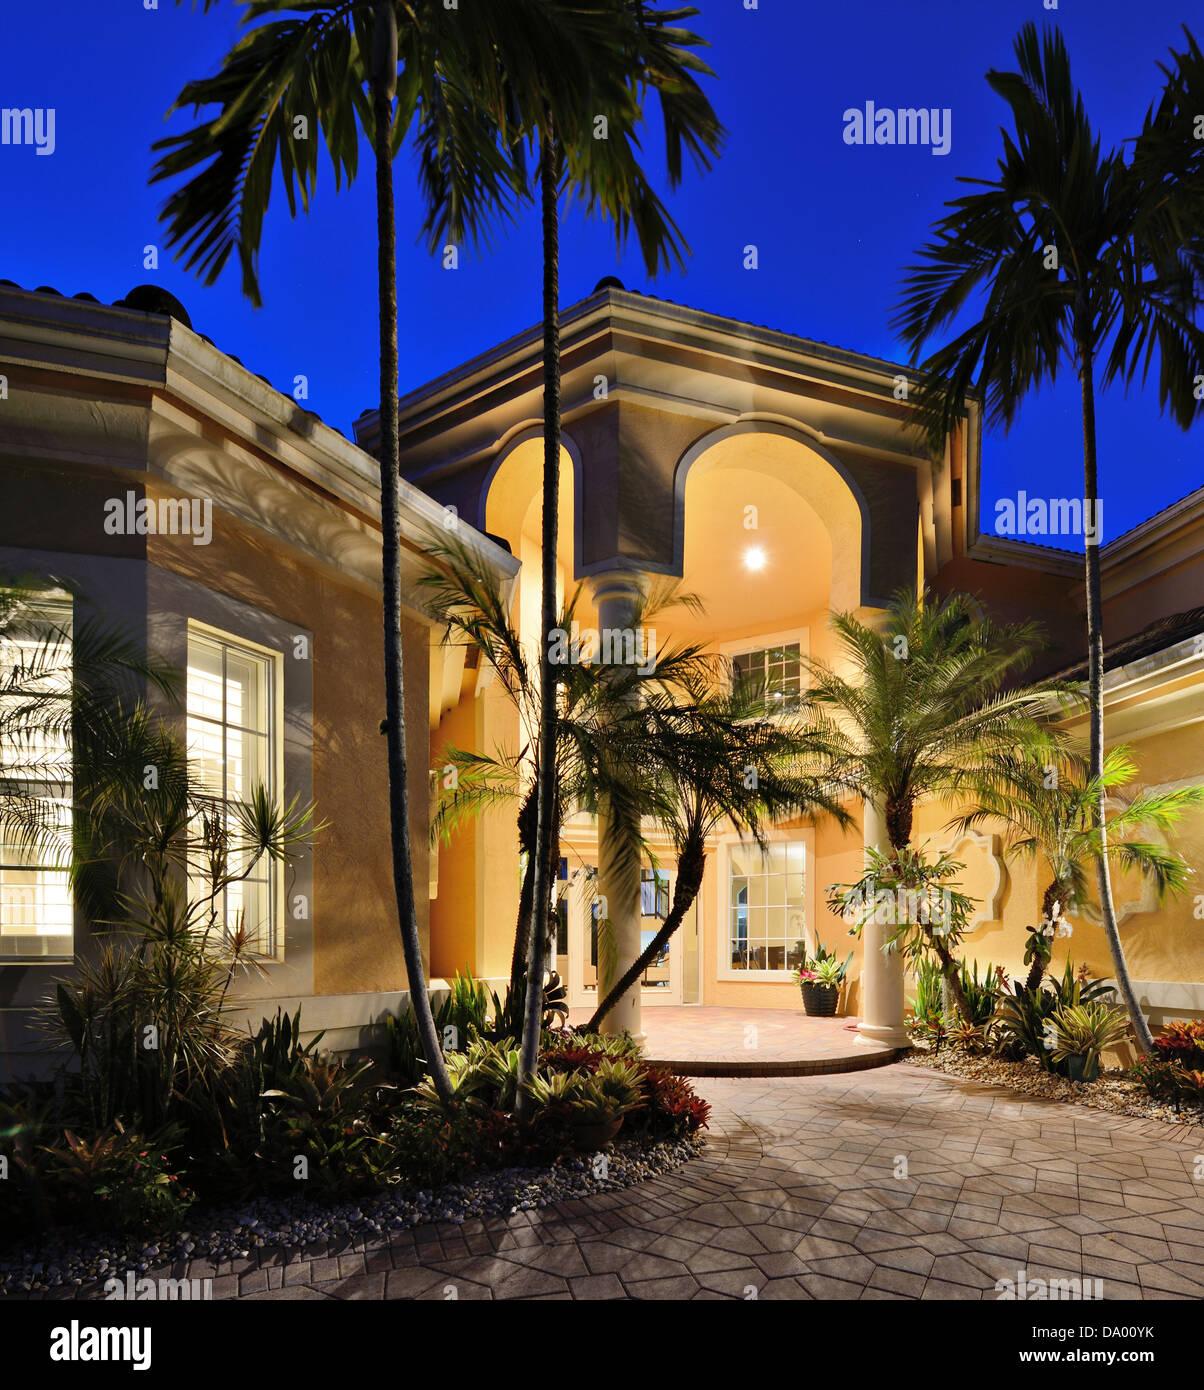 Hôtel particulier d'entrée dans un lieu tropical. Photo Stock